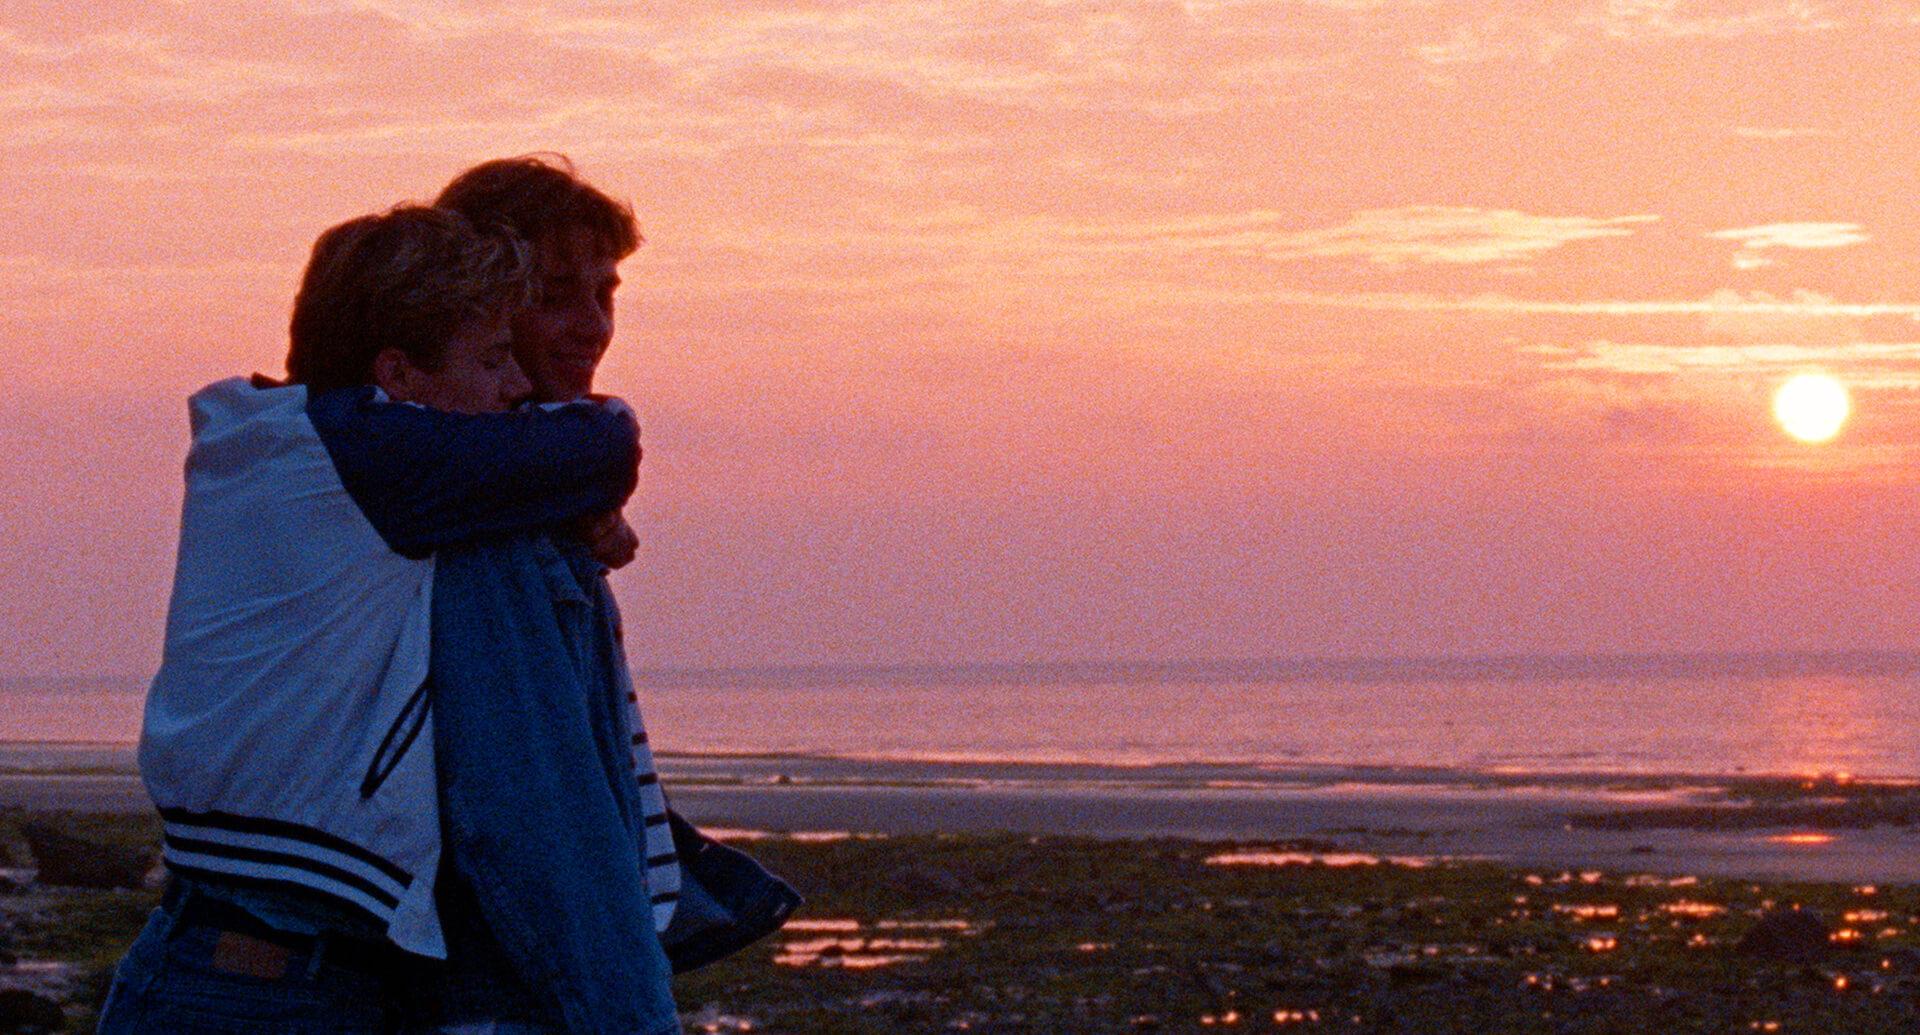 【チケプレ!】フランソワ・オゾンの映画『Summer of 85』の試写会に5組10名様をご招待! film210721_summerof85_6